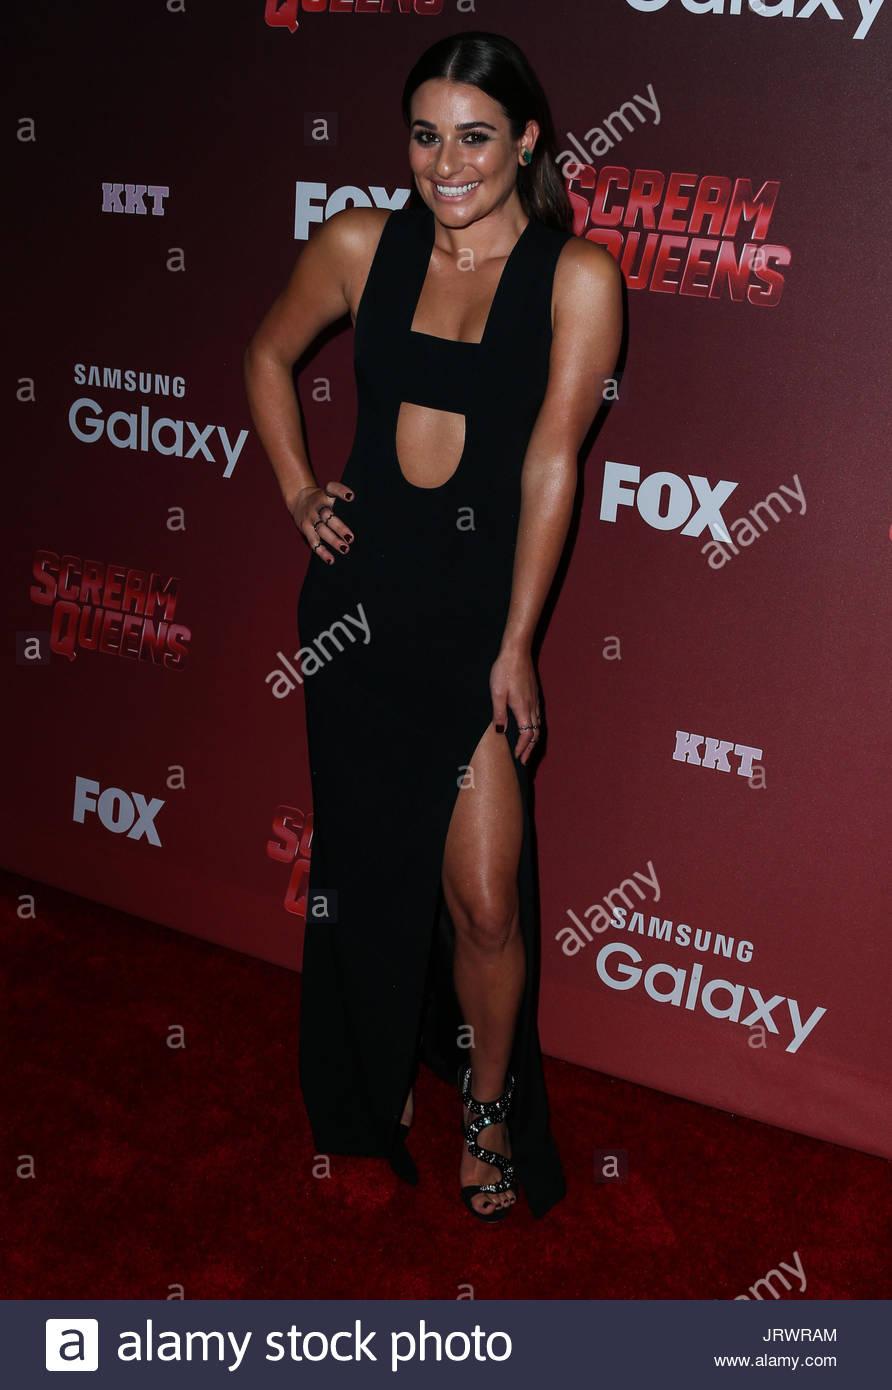 Celebrites Lea Michele Celebrites nude photos 2019